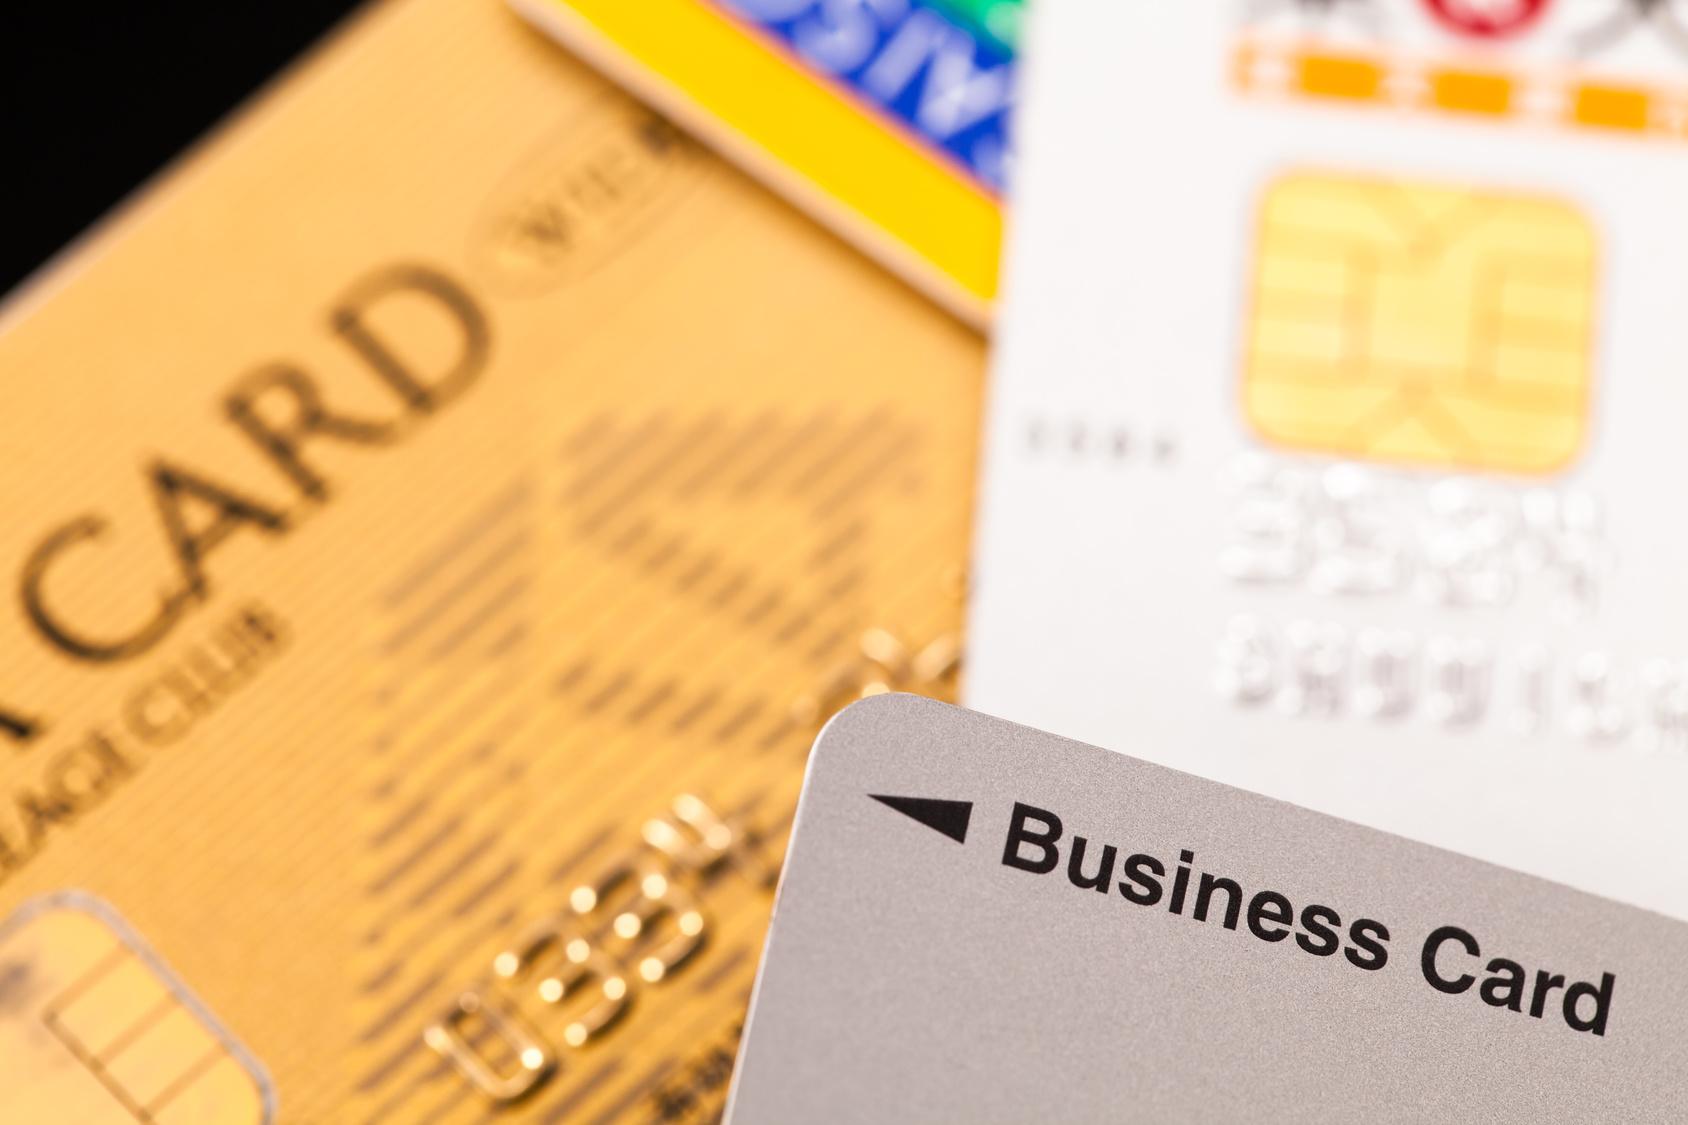 楽天カードの海外旅行保険とは 使い方や補償内容などを解説 保険の先生